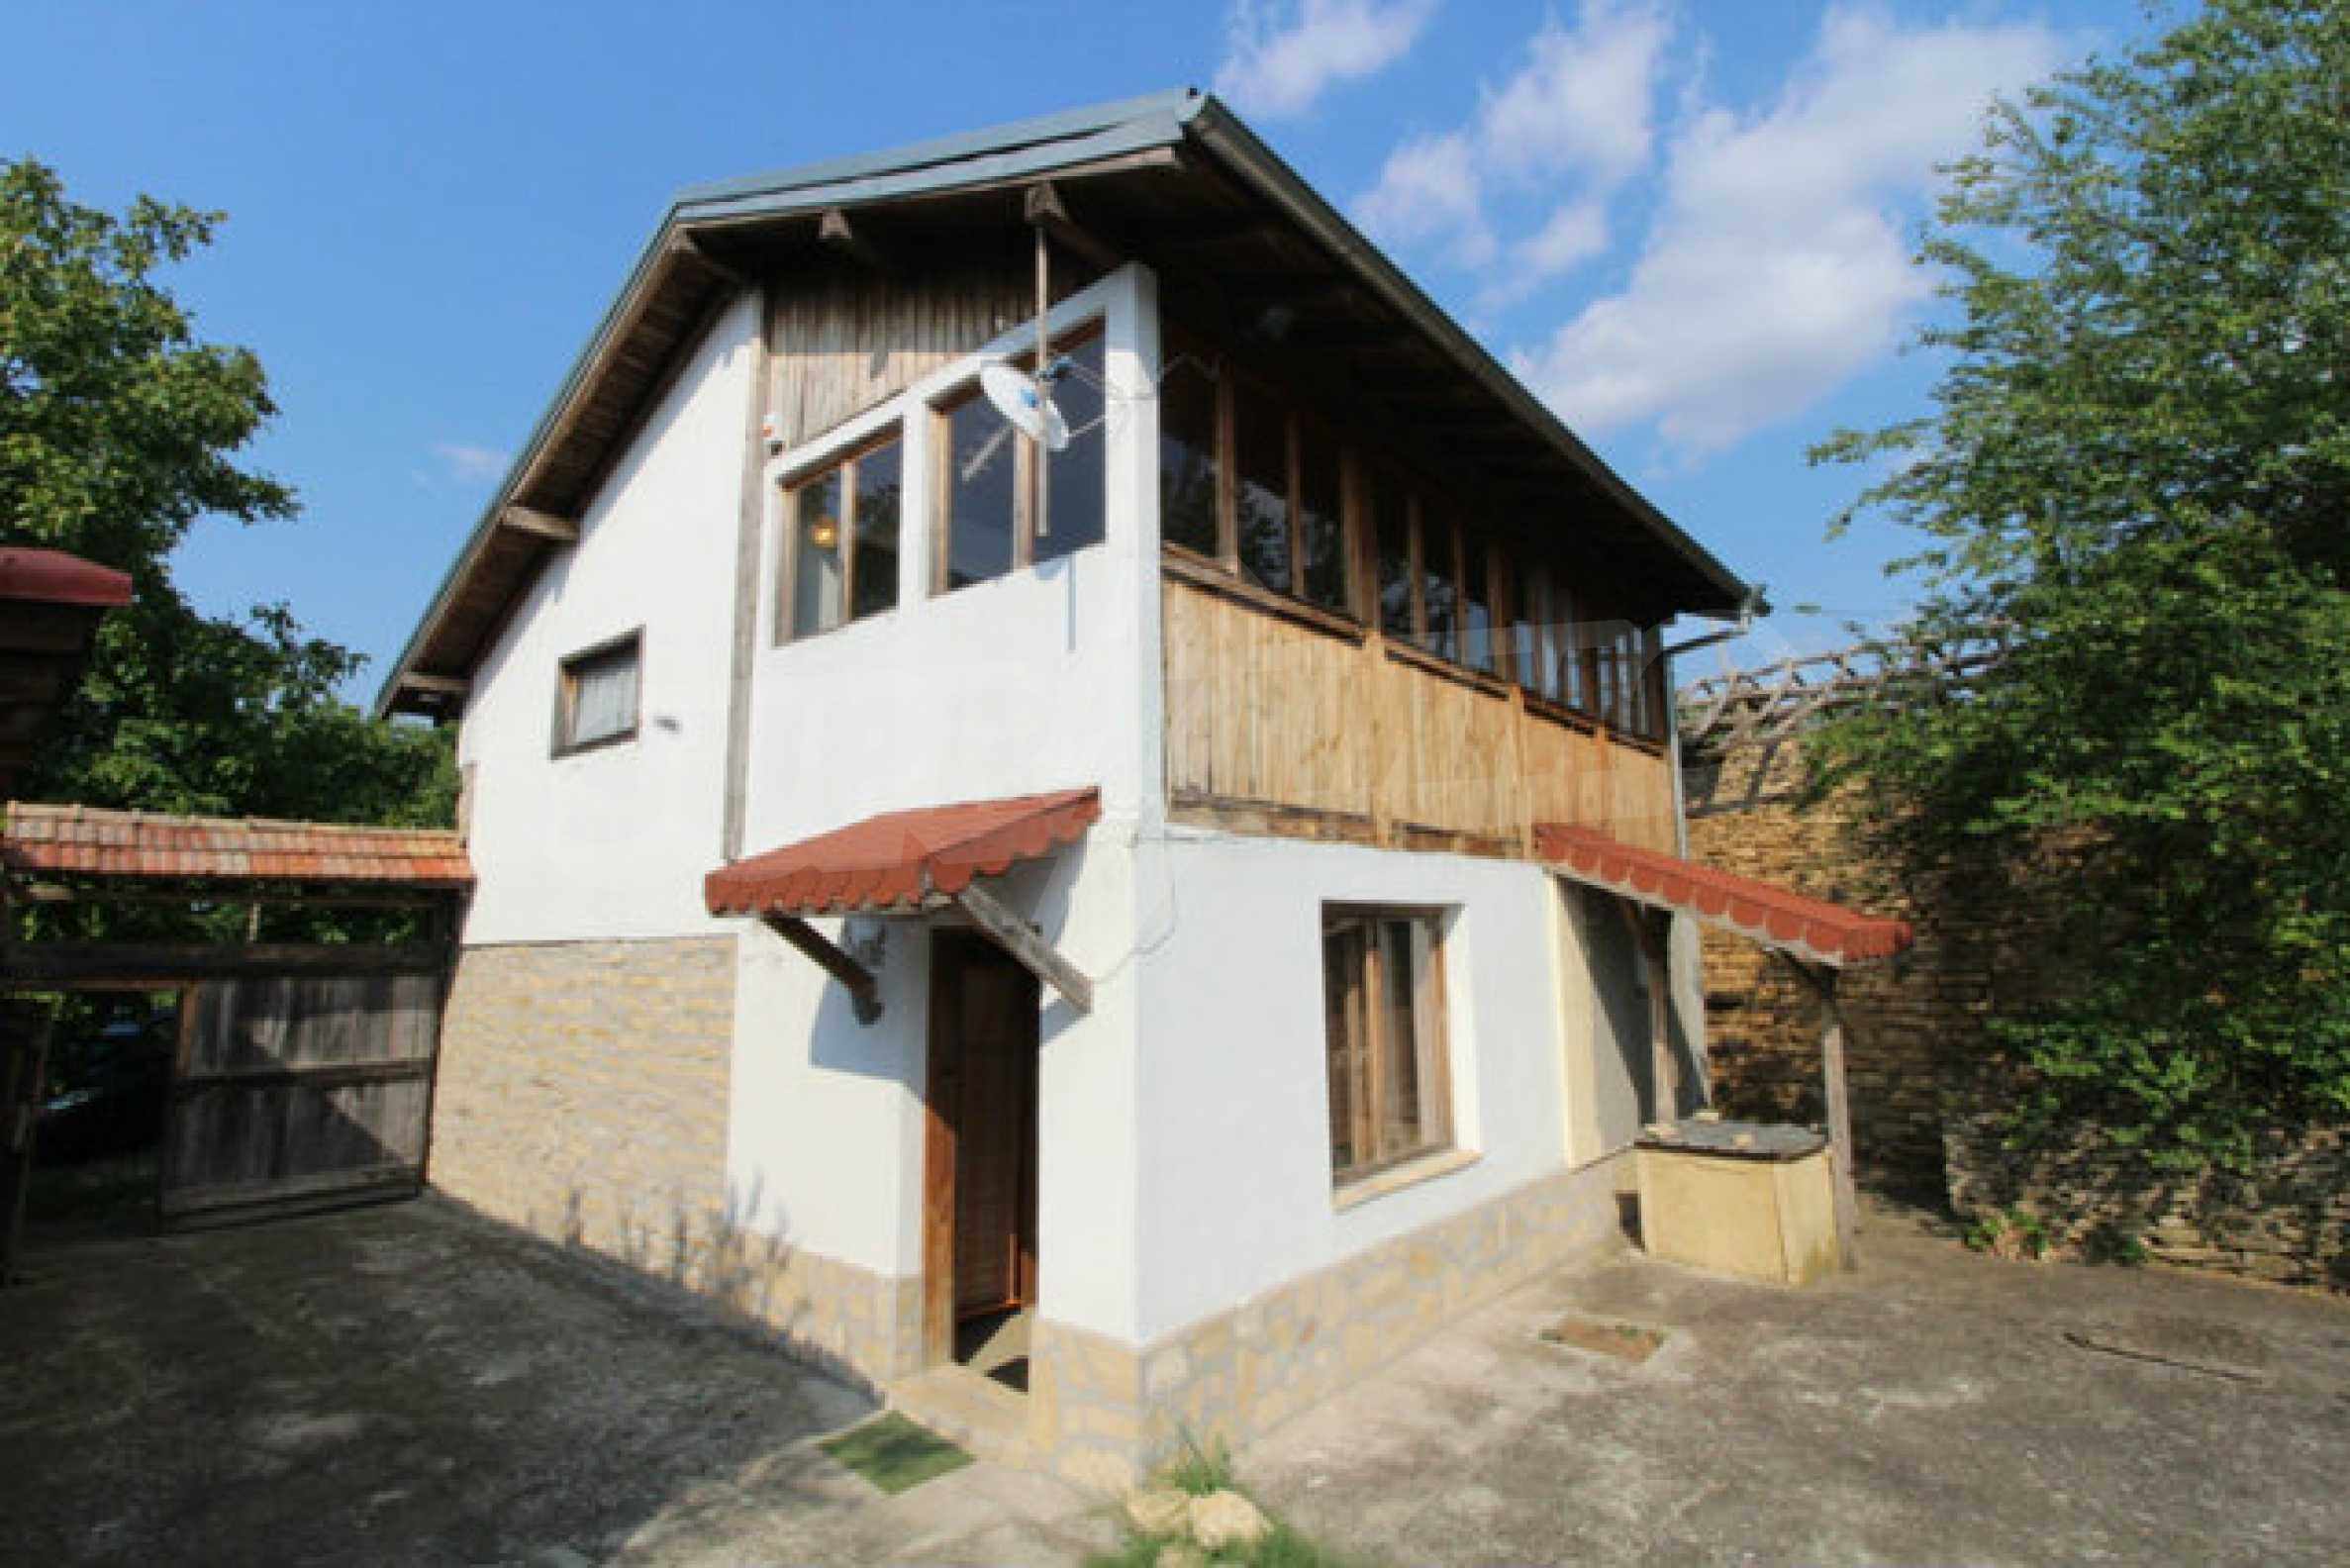 Ново-построенный дом в традиционном болгарском стиле